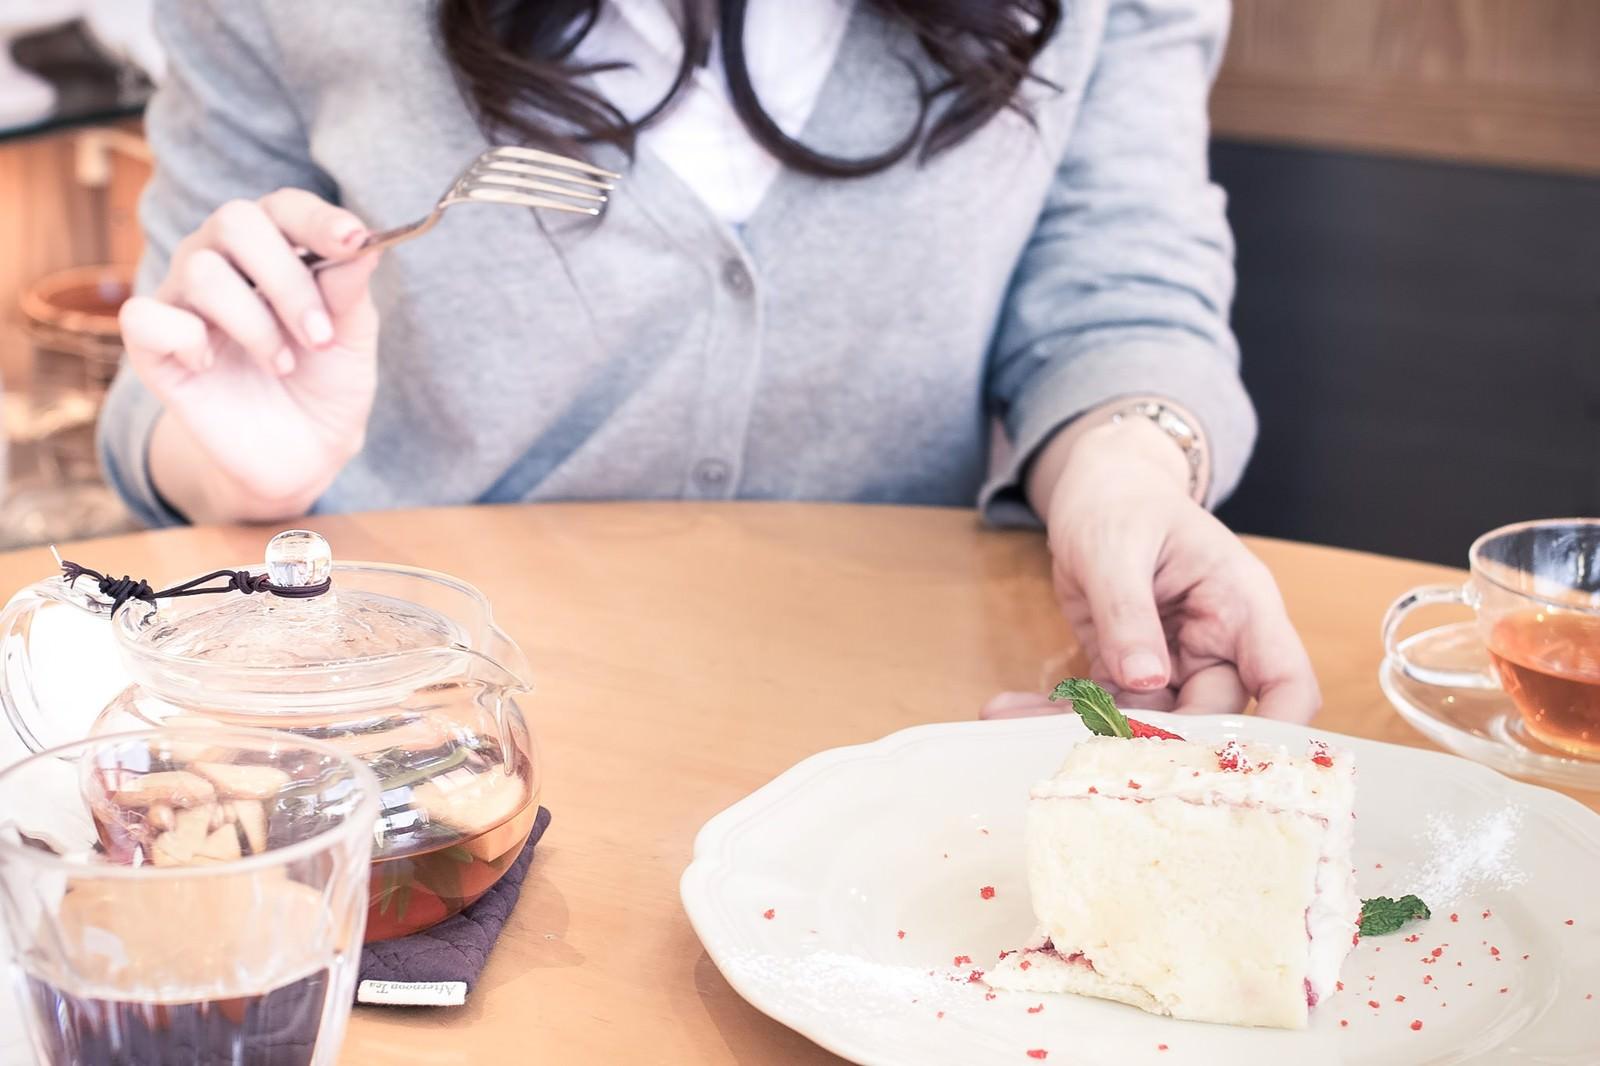 「彼女とカフェでケーキを食べる彼女とカフェでケーキを食べる」のフリー写真素材を拡大